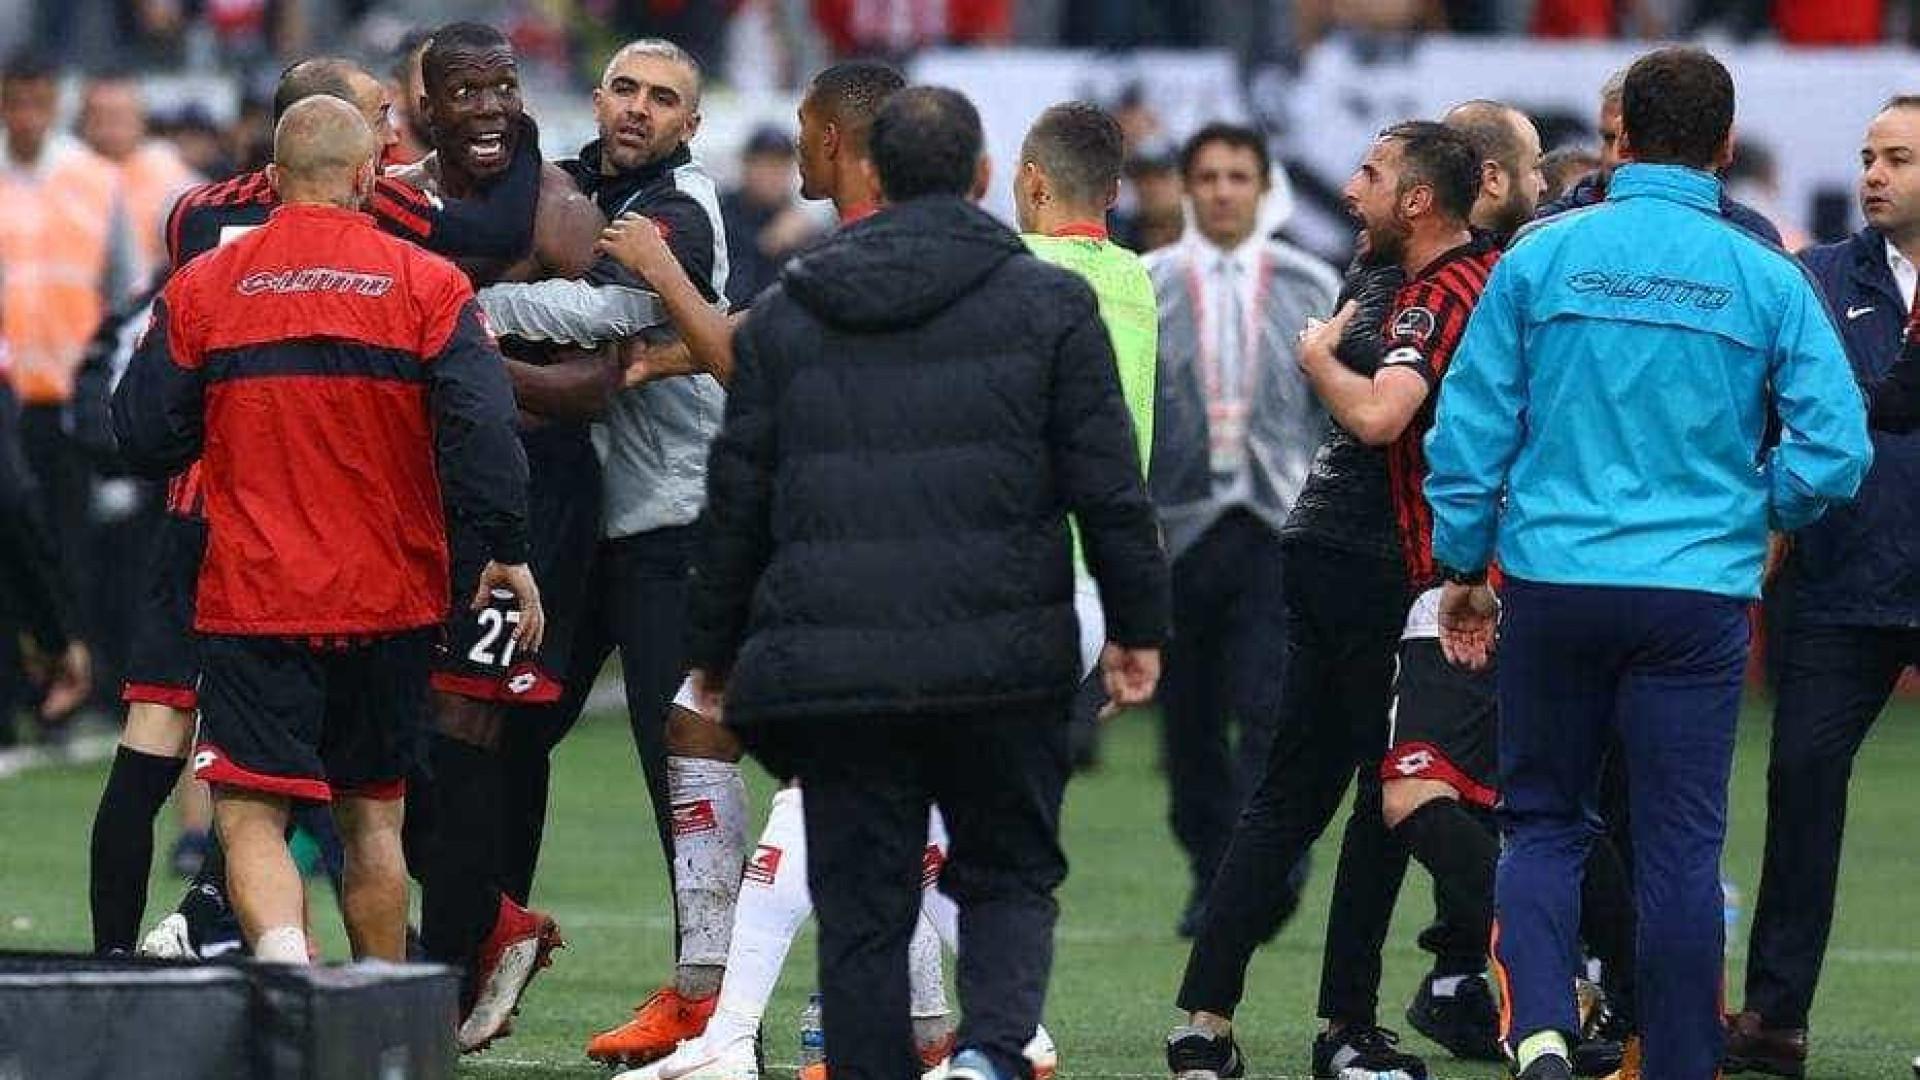 Irmão de Pogba decide abandonar jogo e acaba em polémica com companheiros